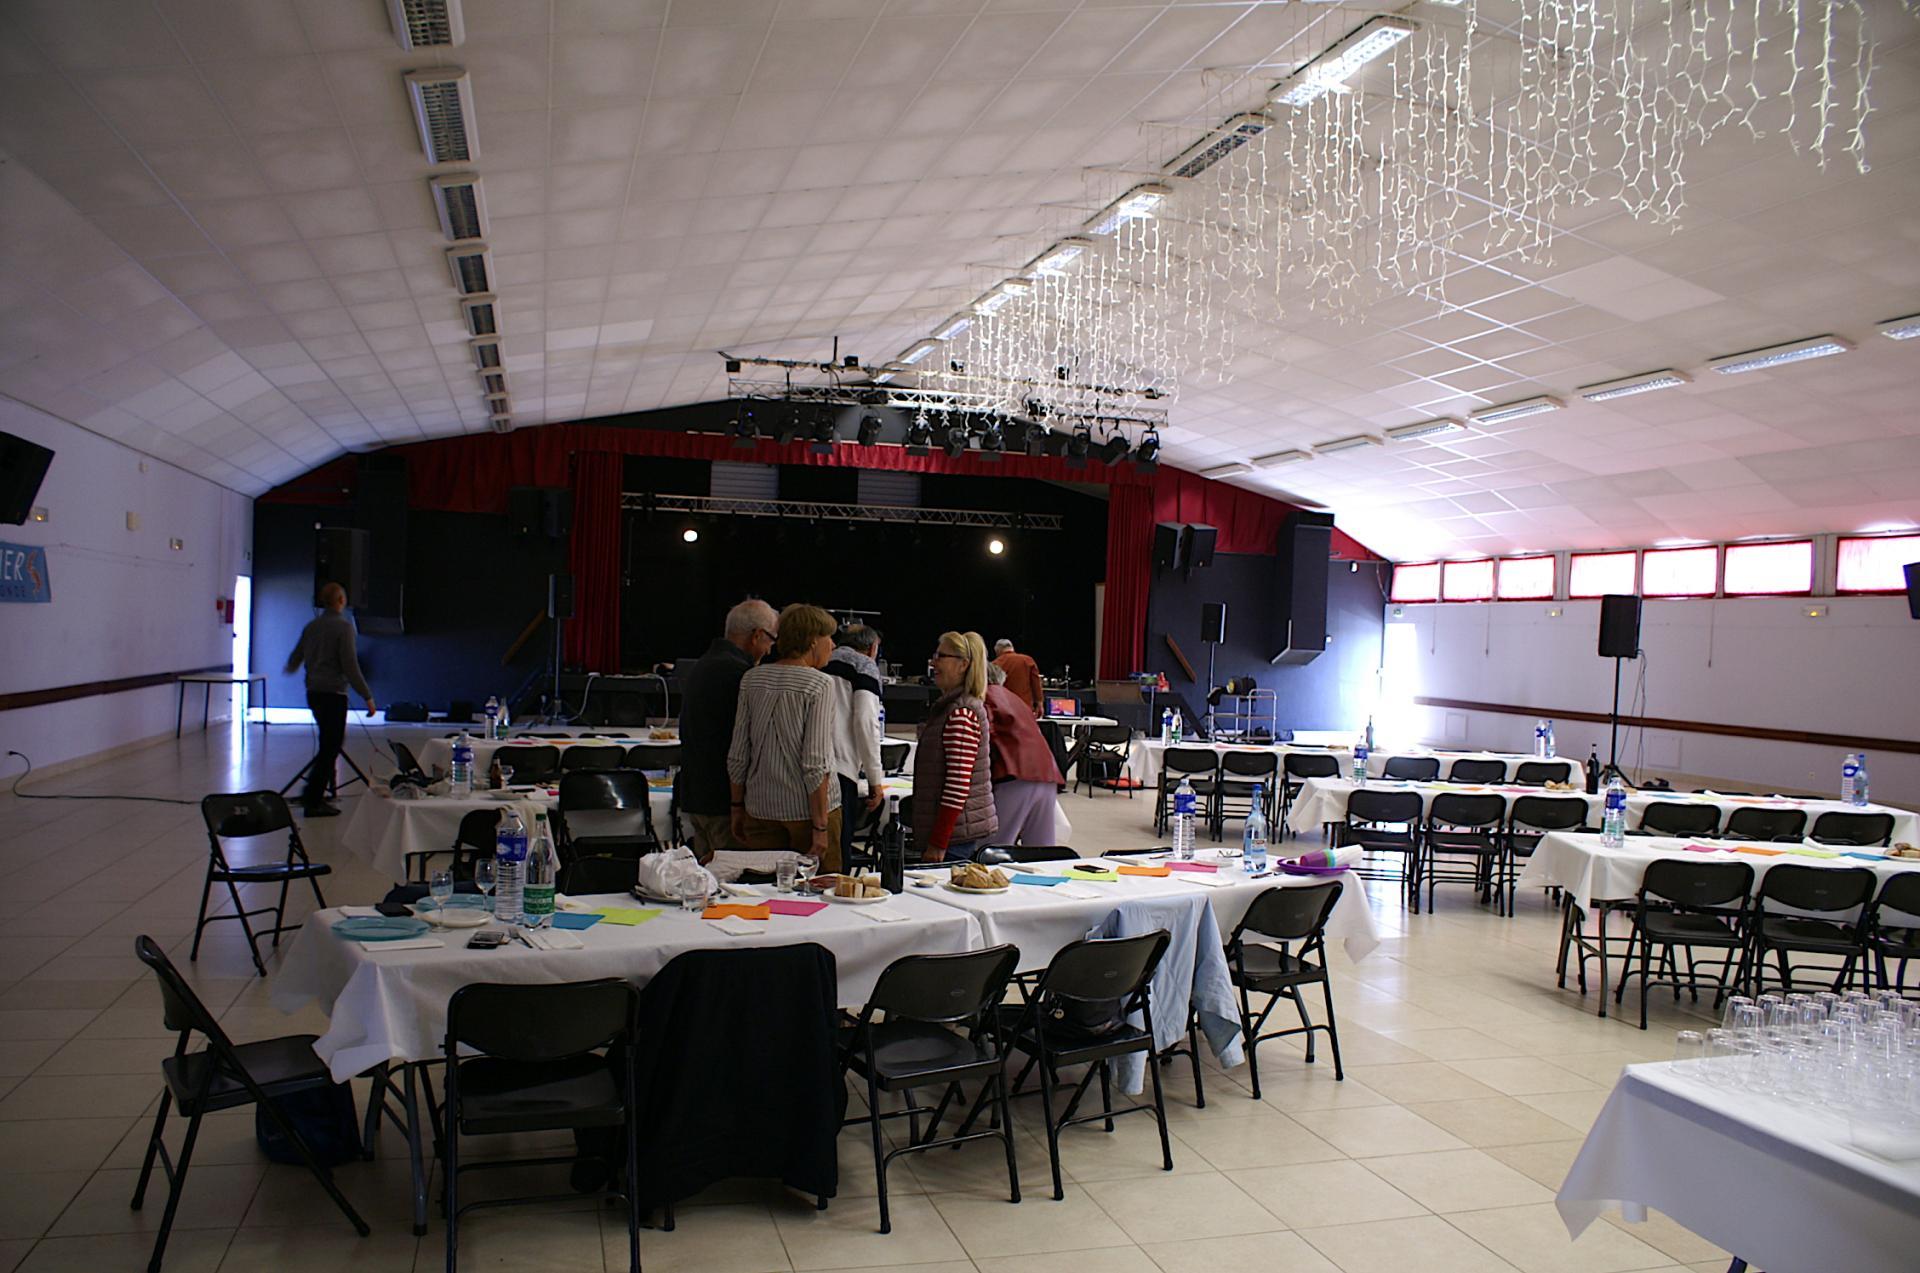 Les tables colorées attendent les convives